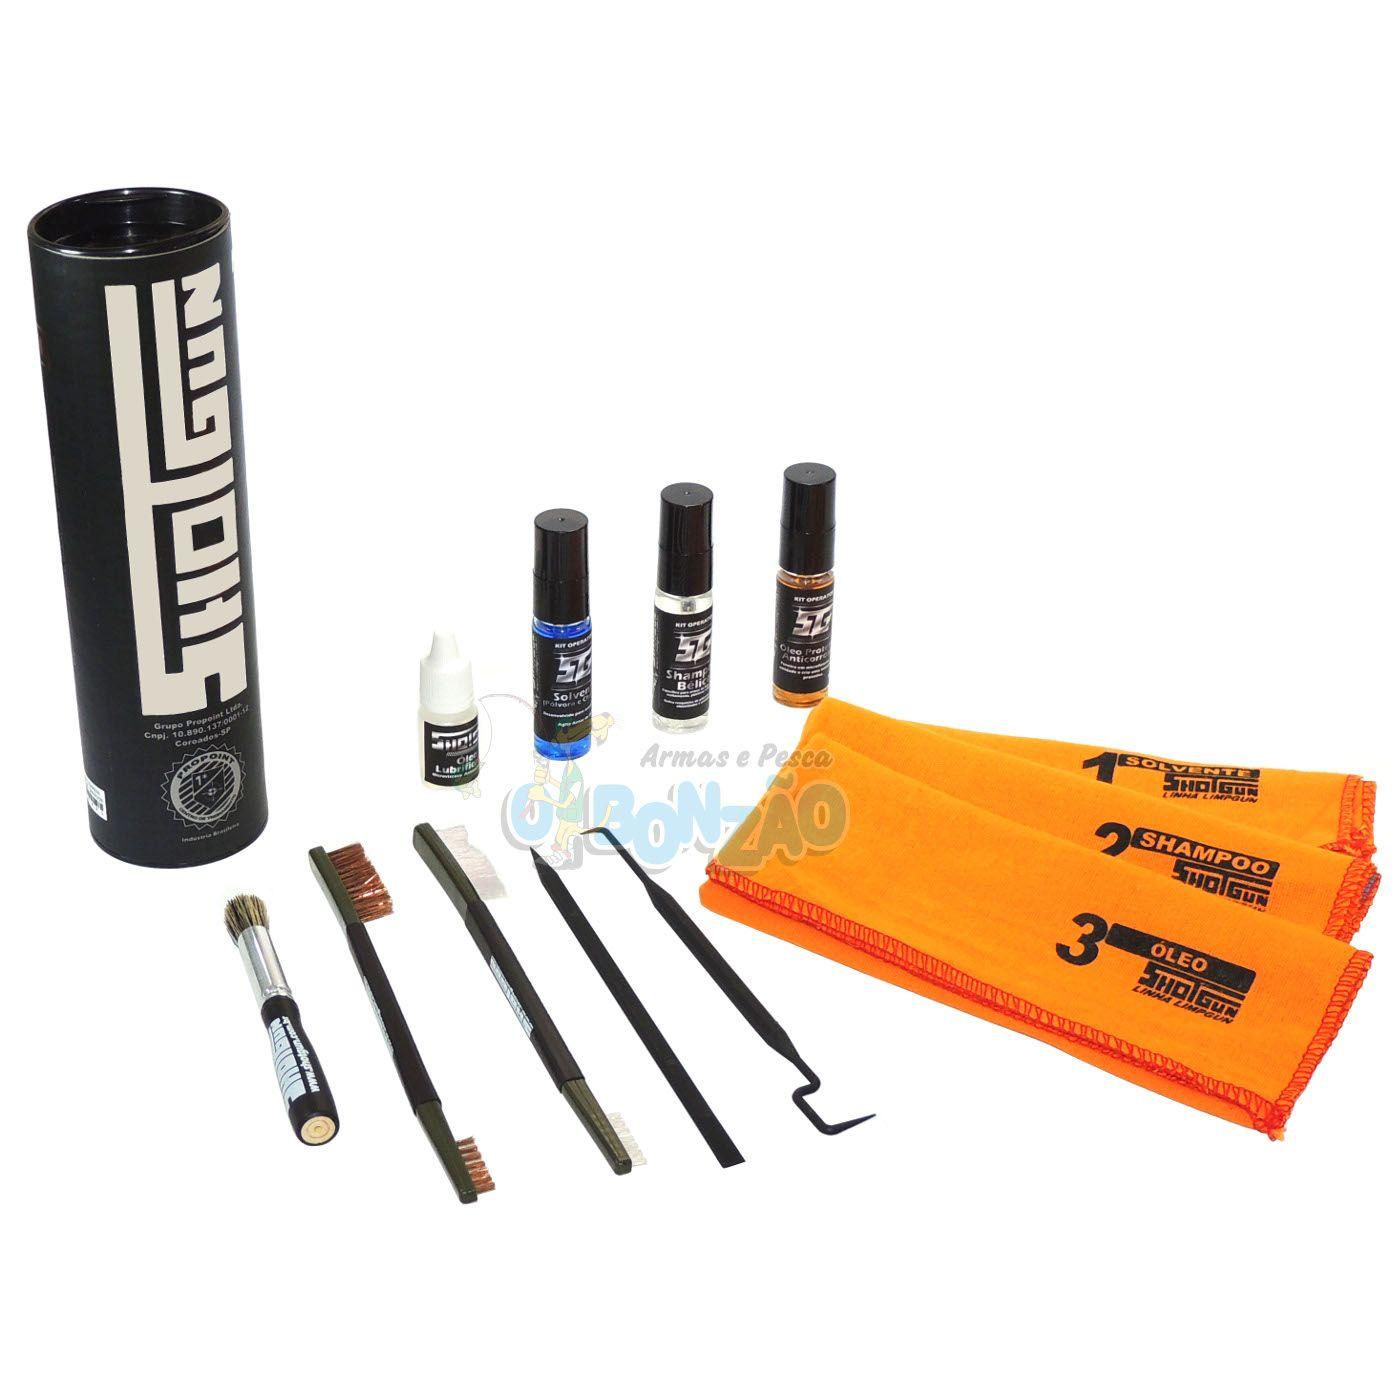 Kit Operator Shotgun para Manutenção e Limpeza de Armas